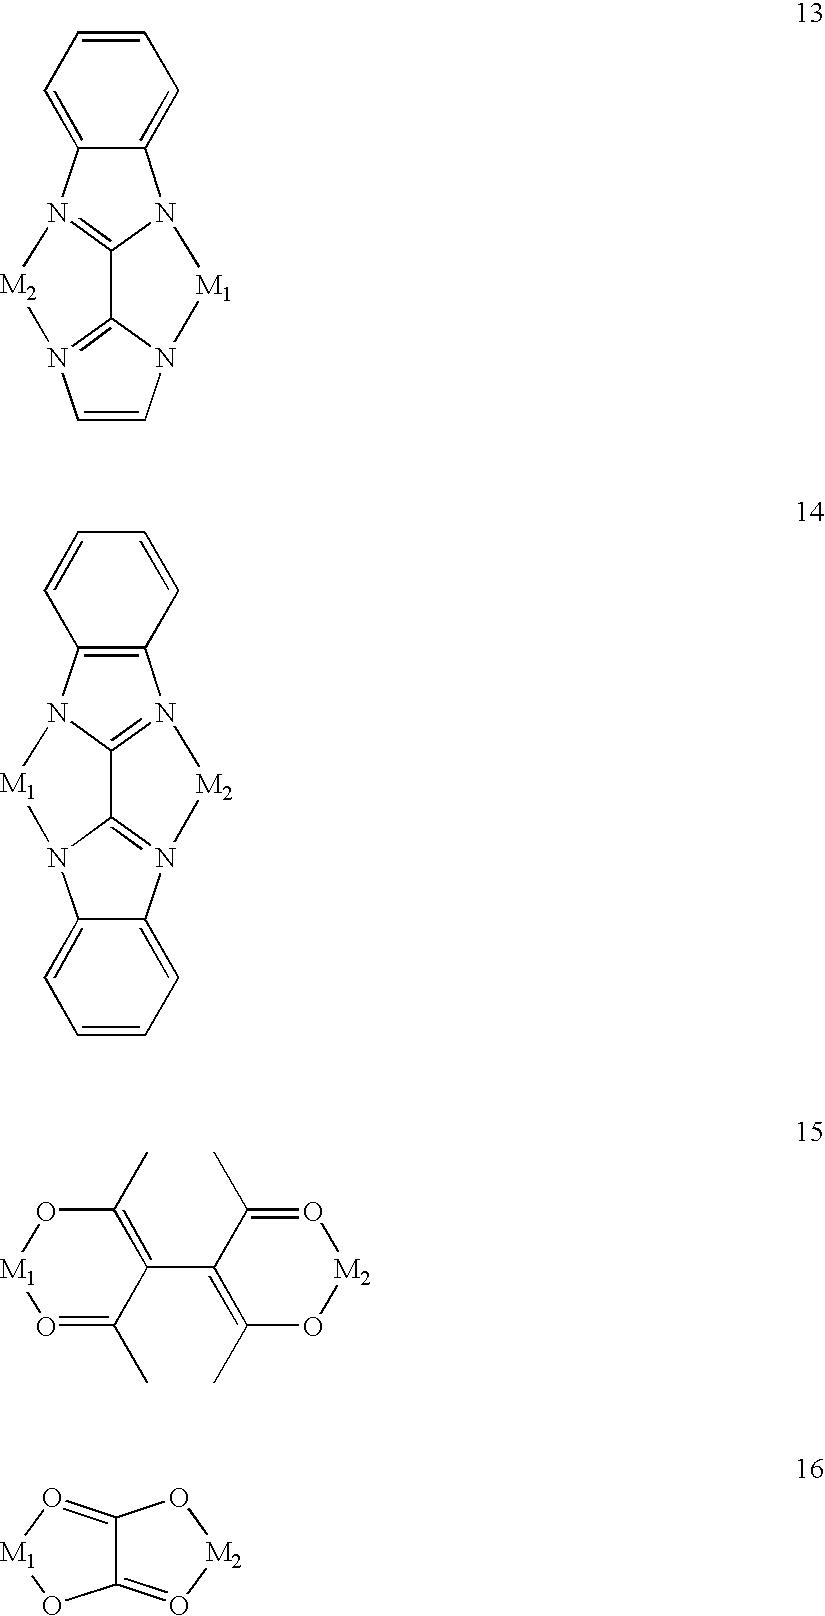 Figure US20030152802A1-20030814-C00009